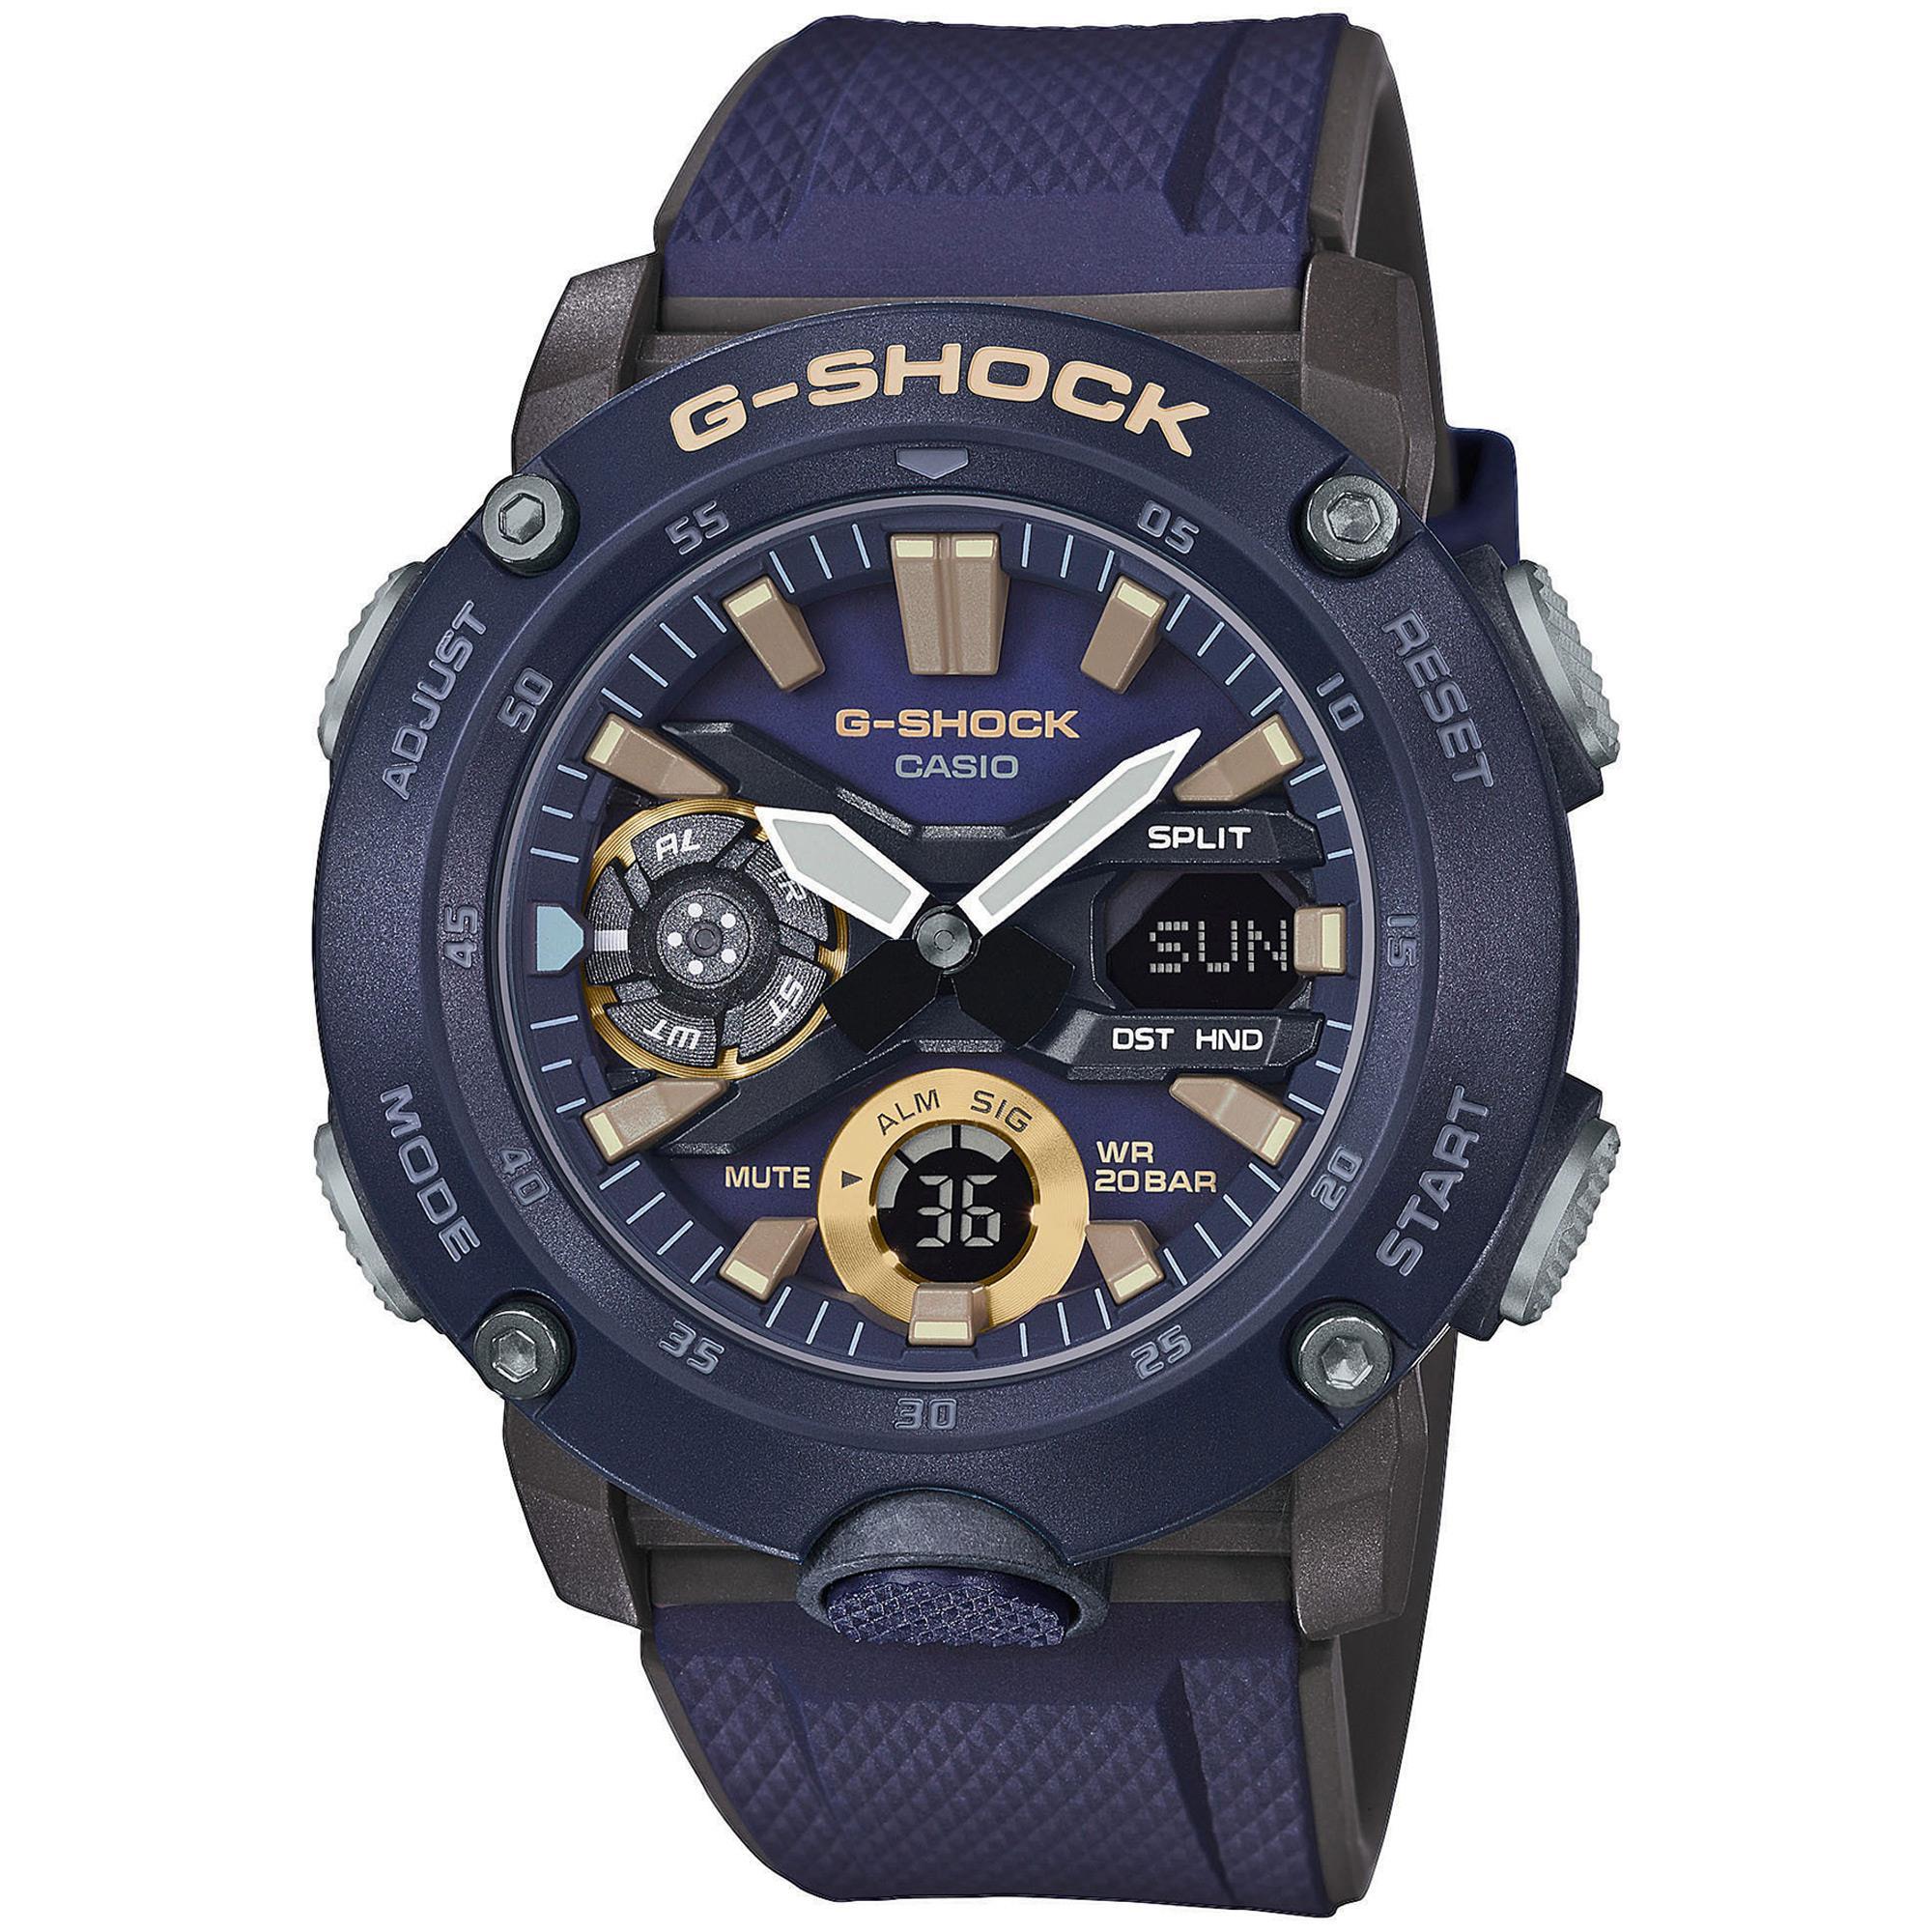 Orologio G-Shock Classic - CASIO